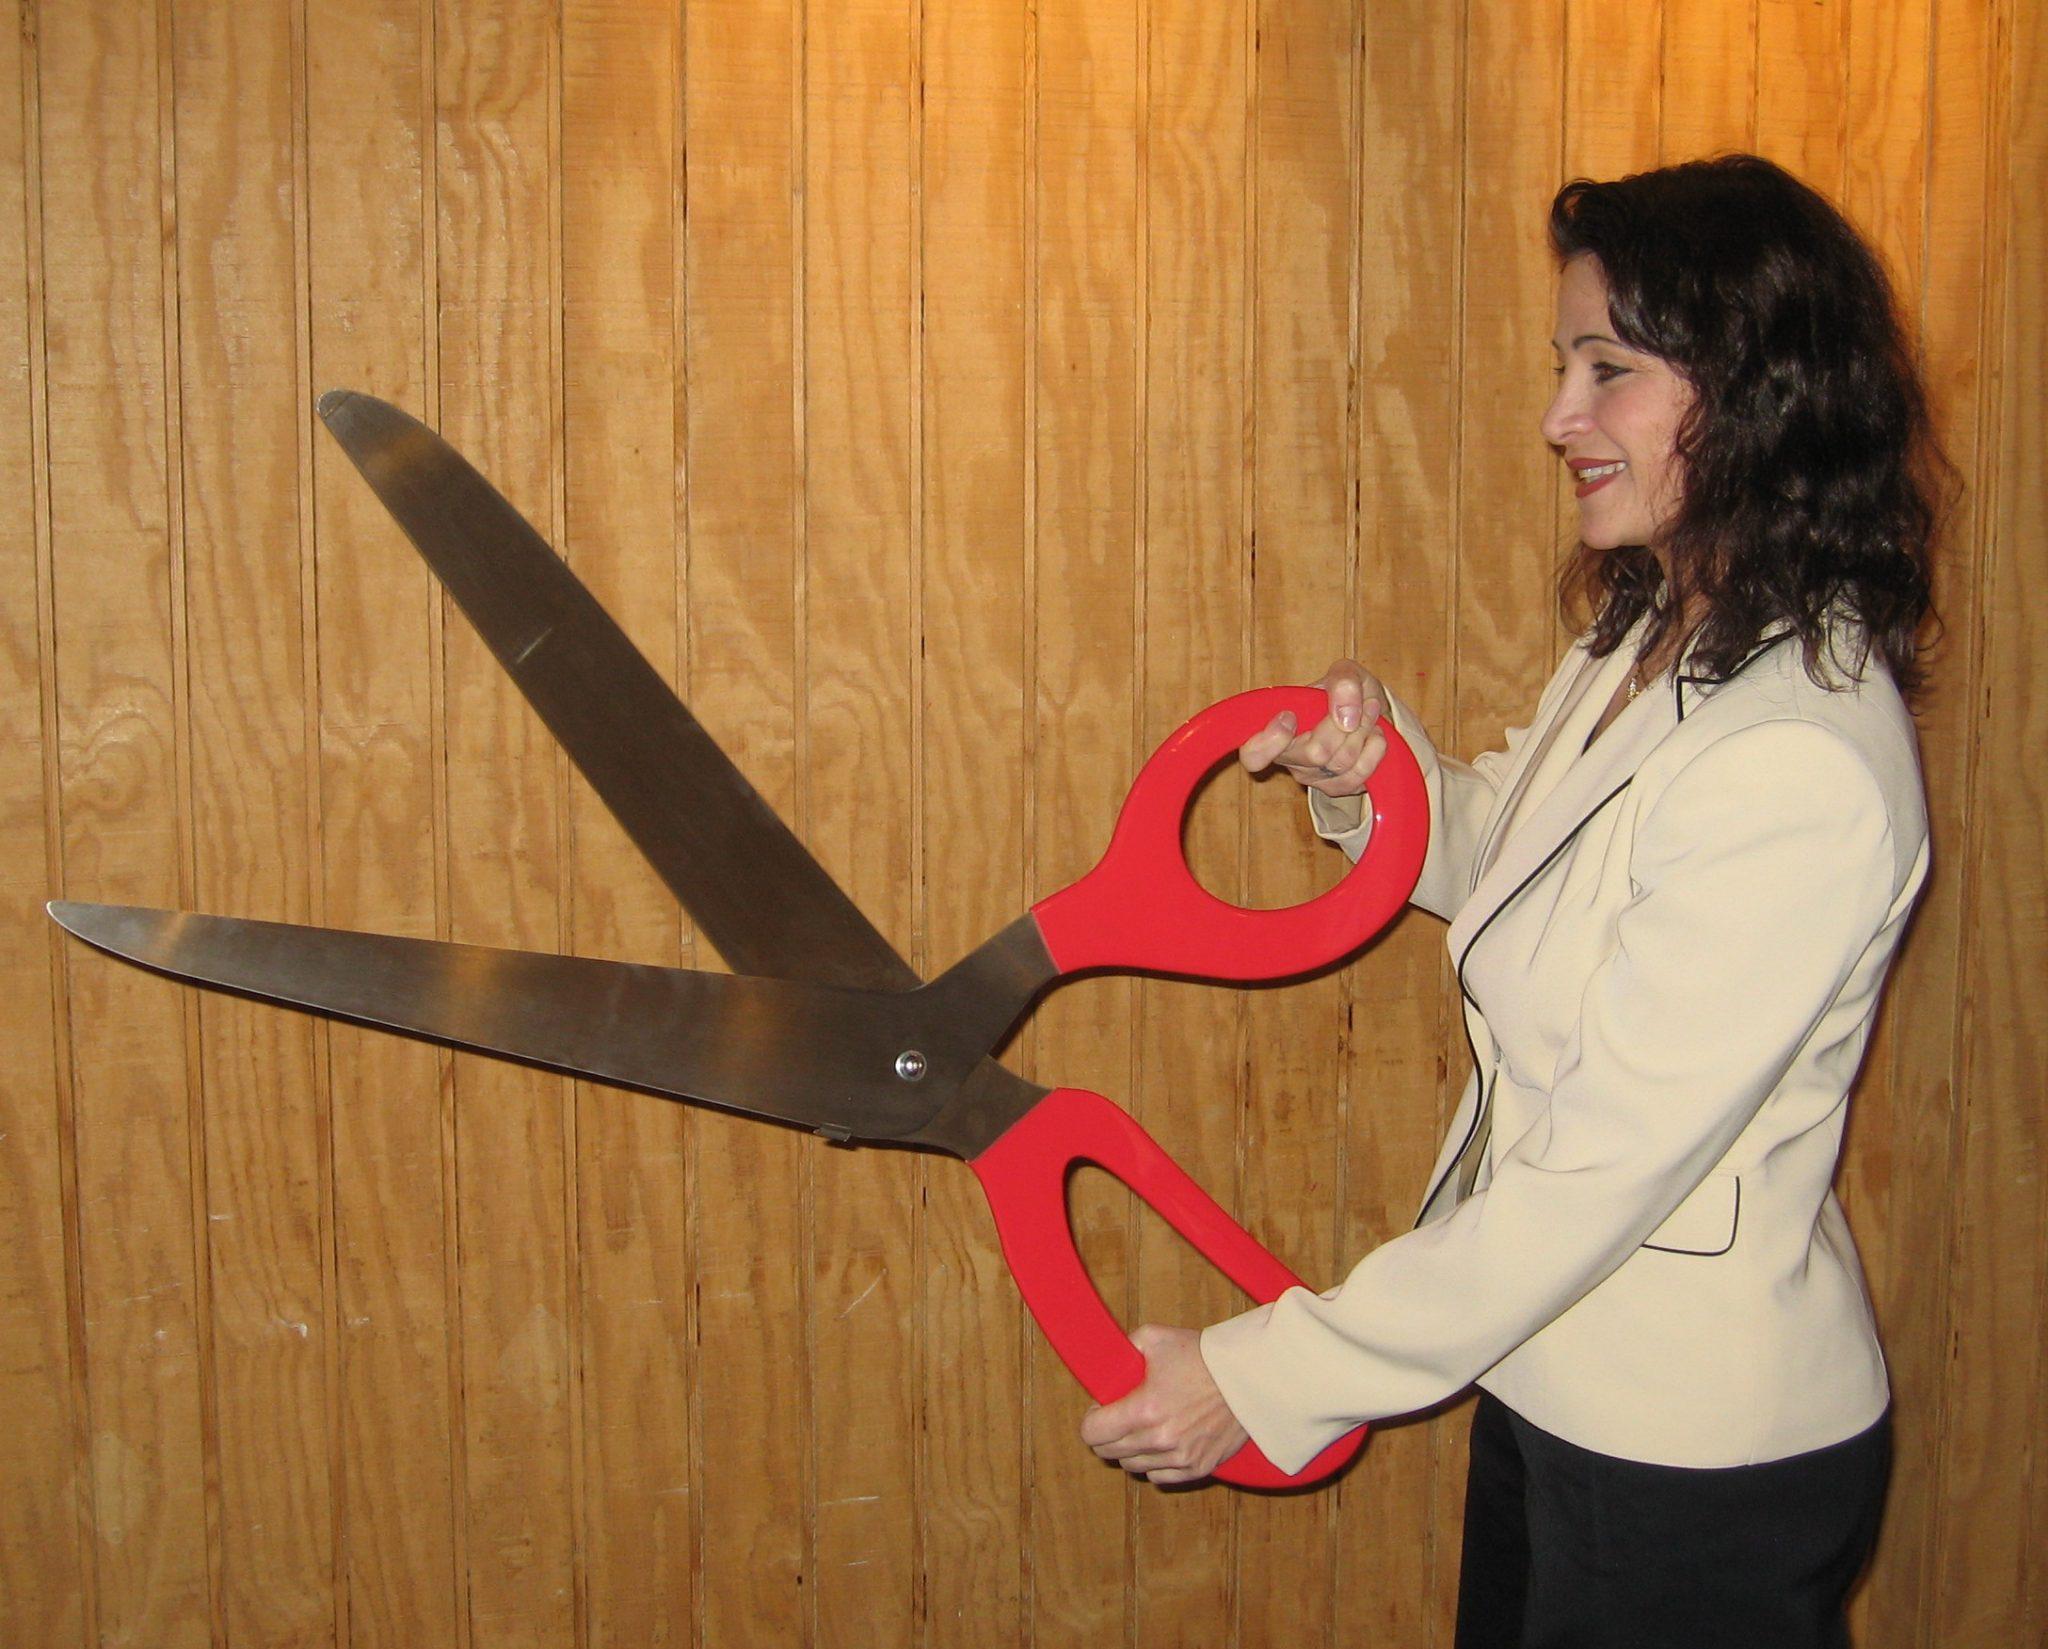 Ceremonial Scissors